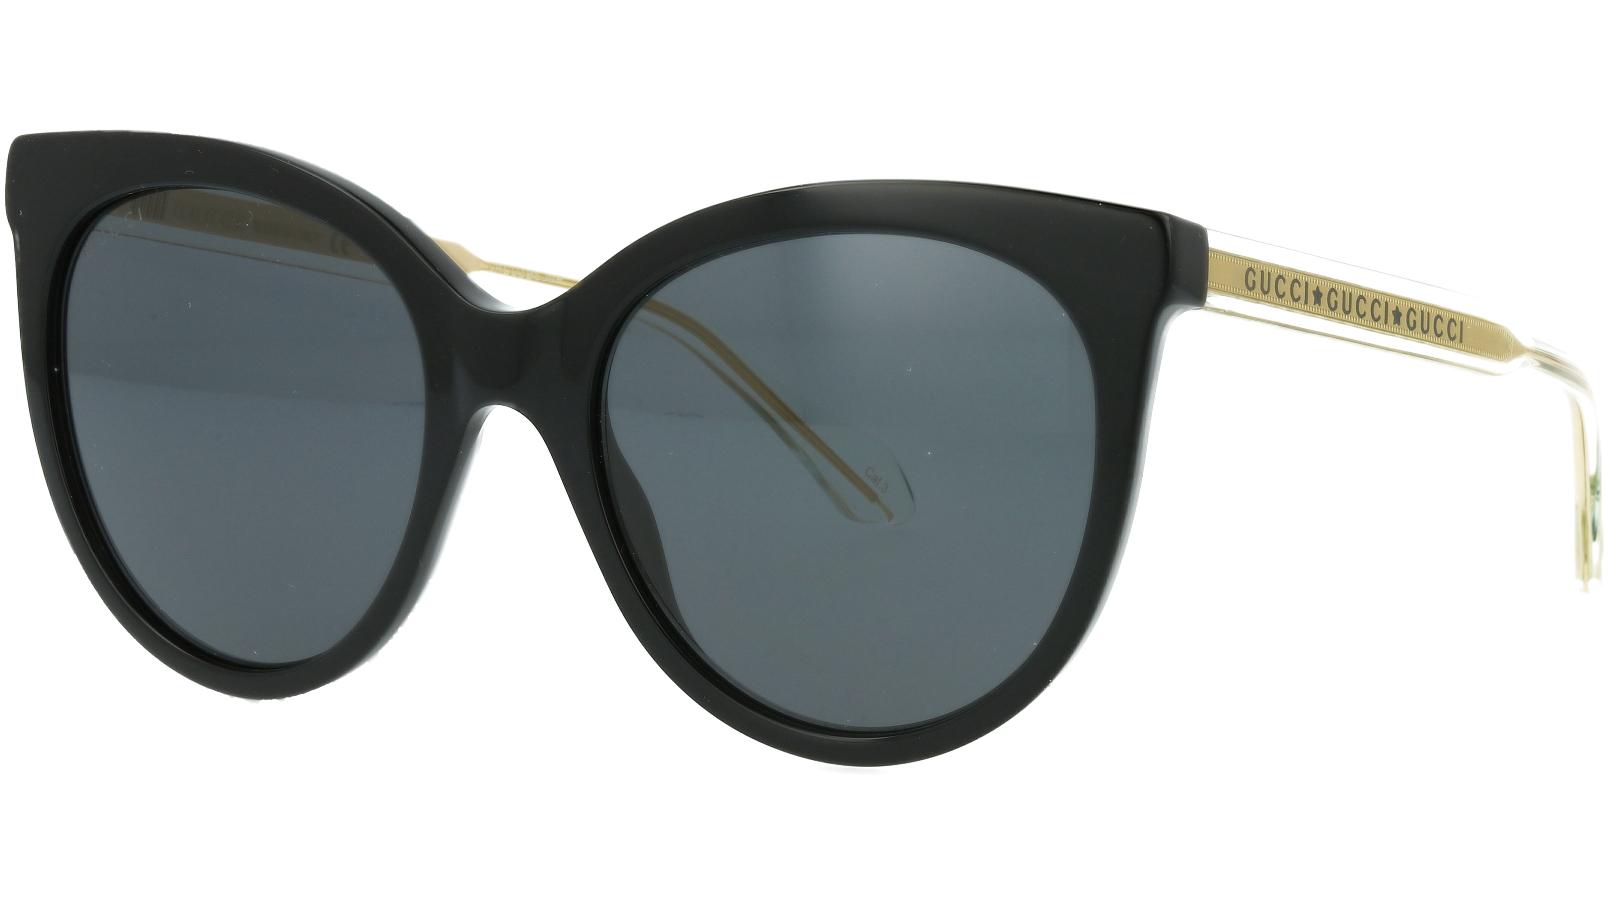 Gucci GG0565S 001 54 BLACK Sunglasses